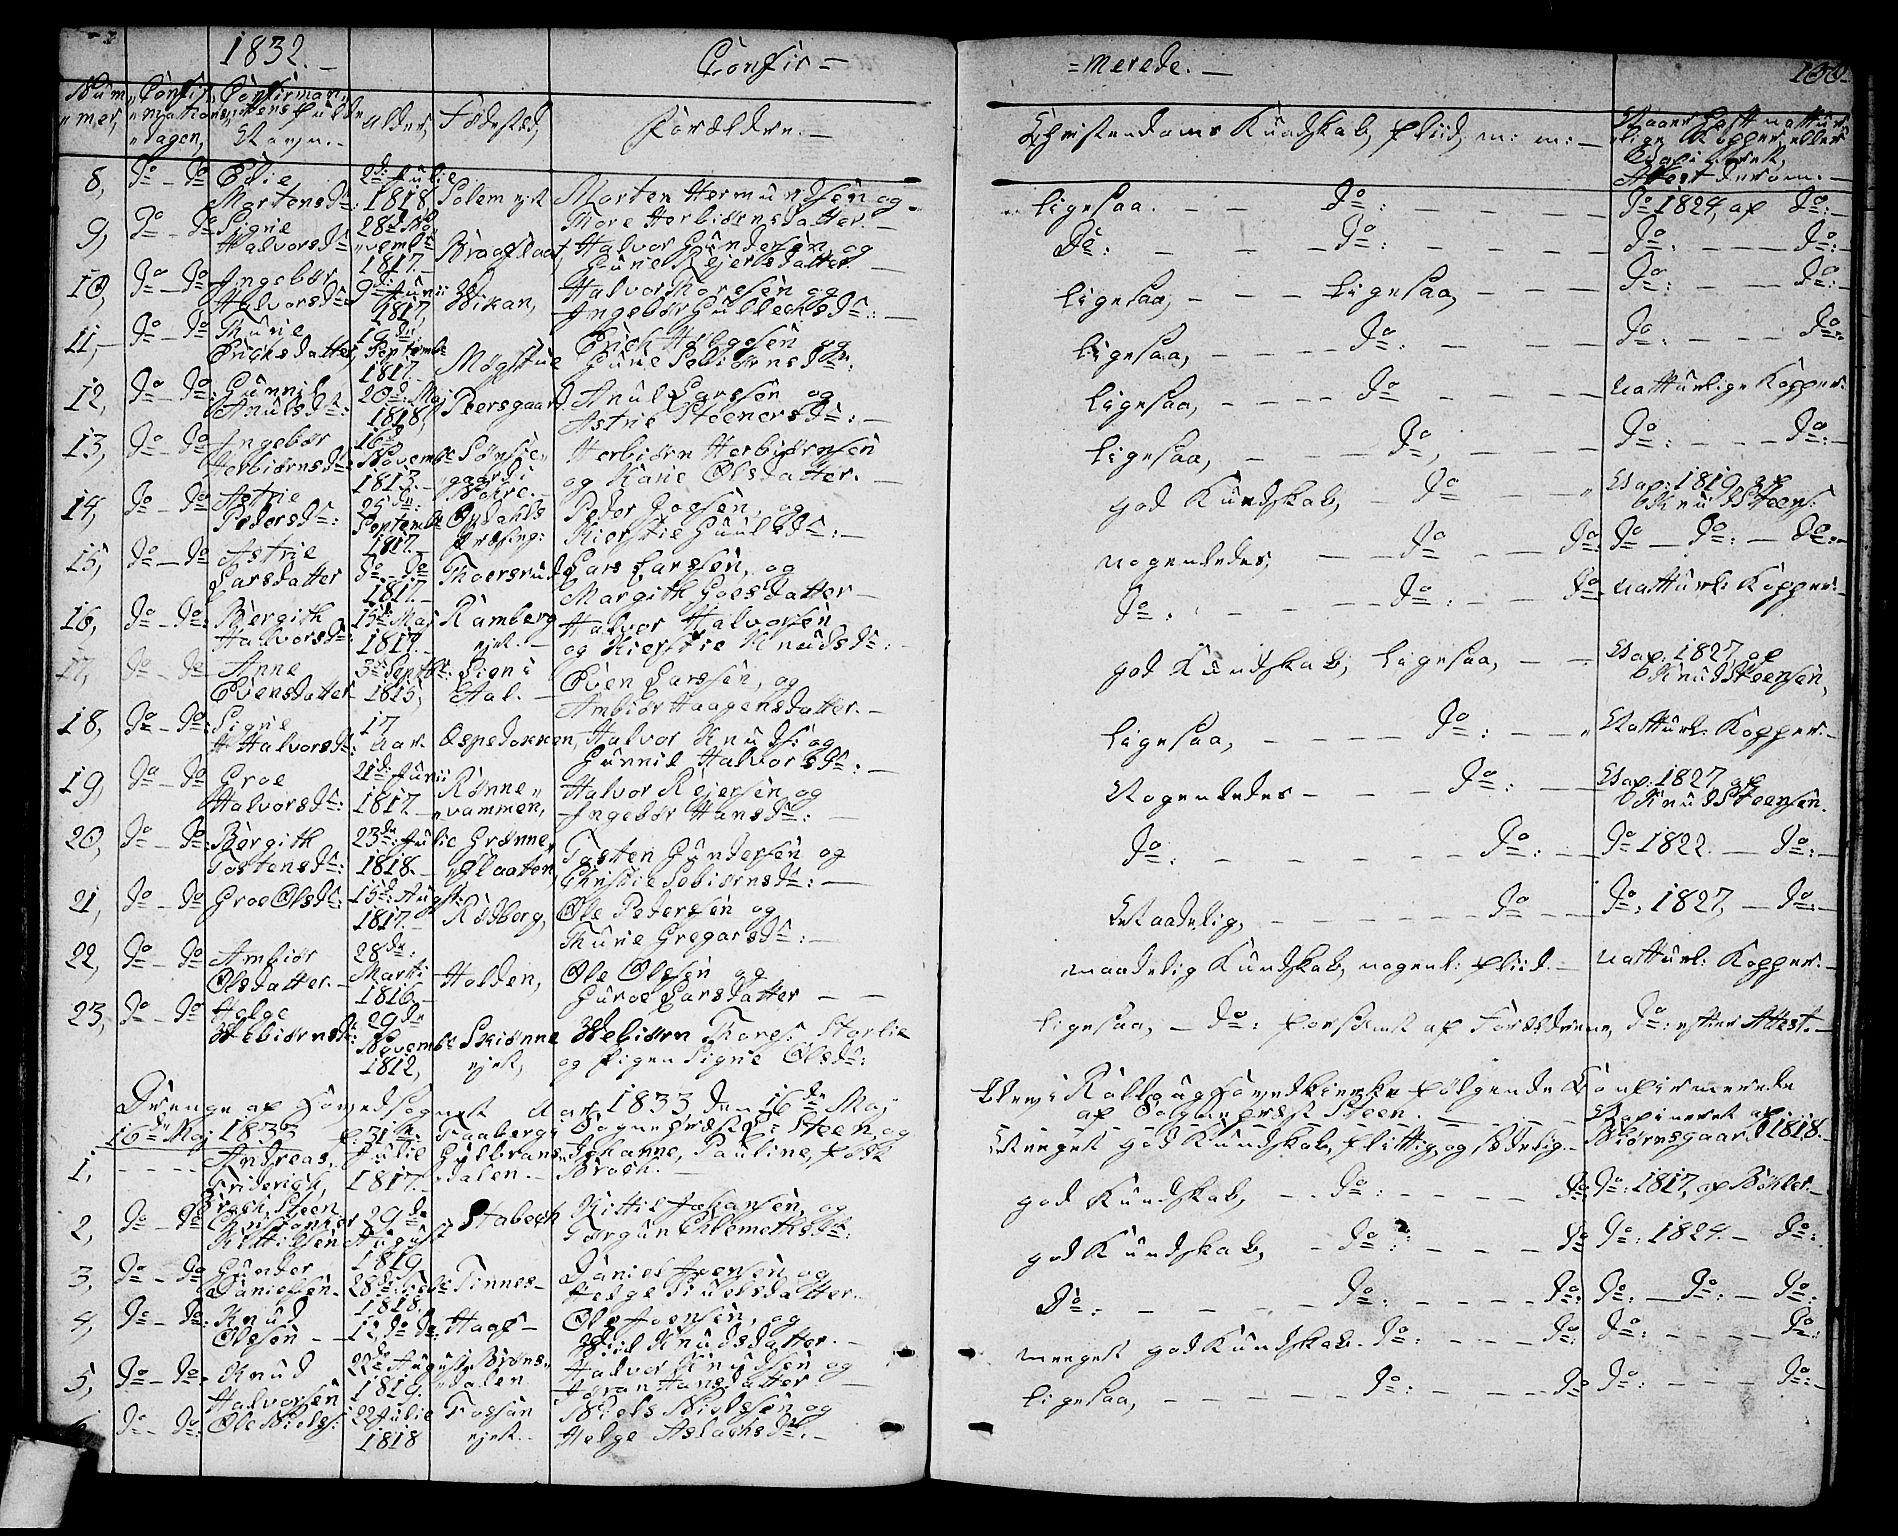 SAKO, Rollag kirkebøker, G/Ga/L0002: Klokkerbok nr. I 2, 1831-1856, s. 100